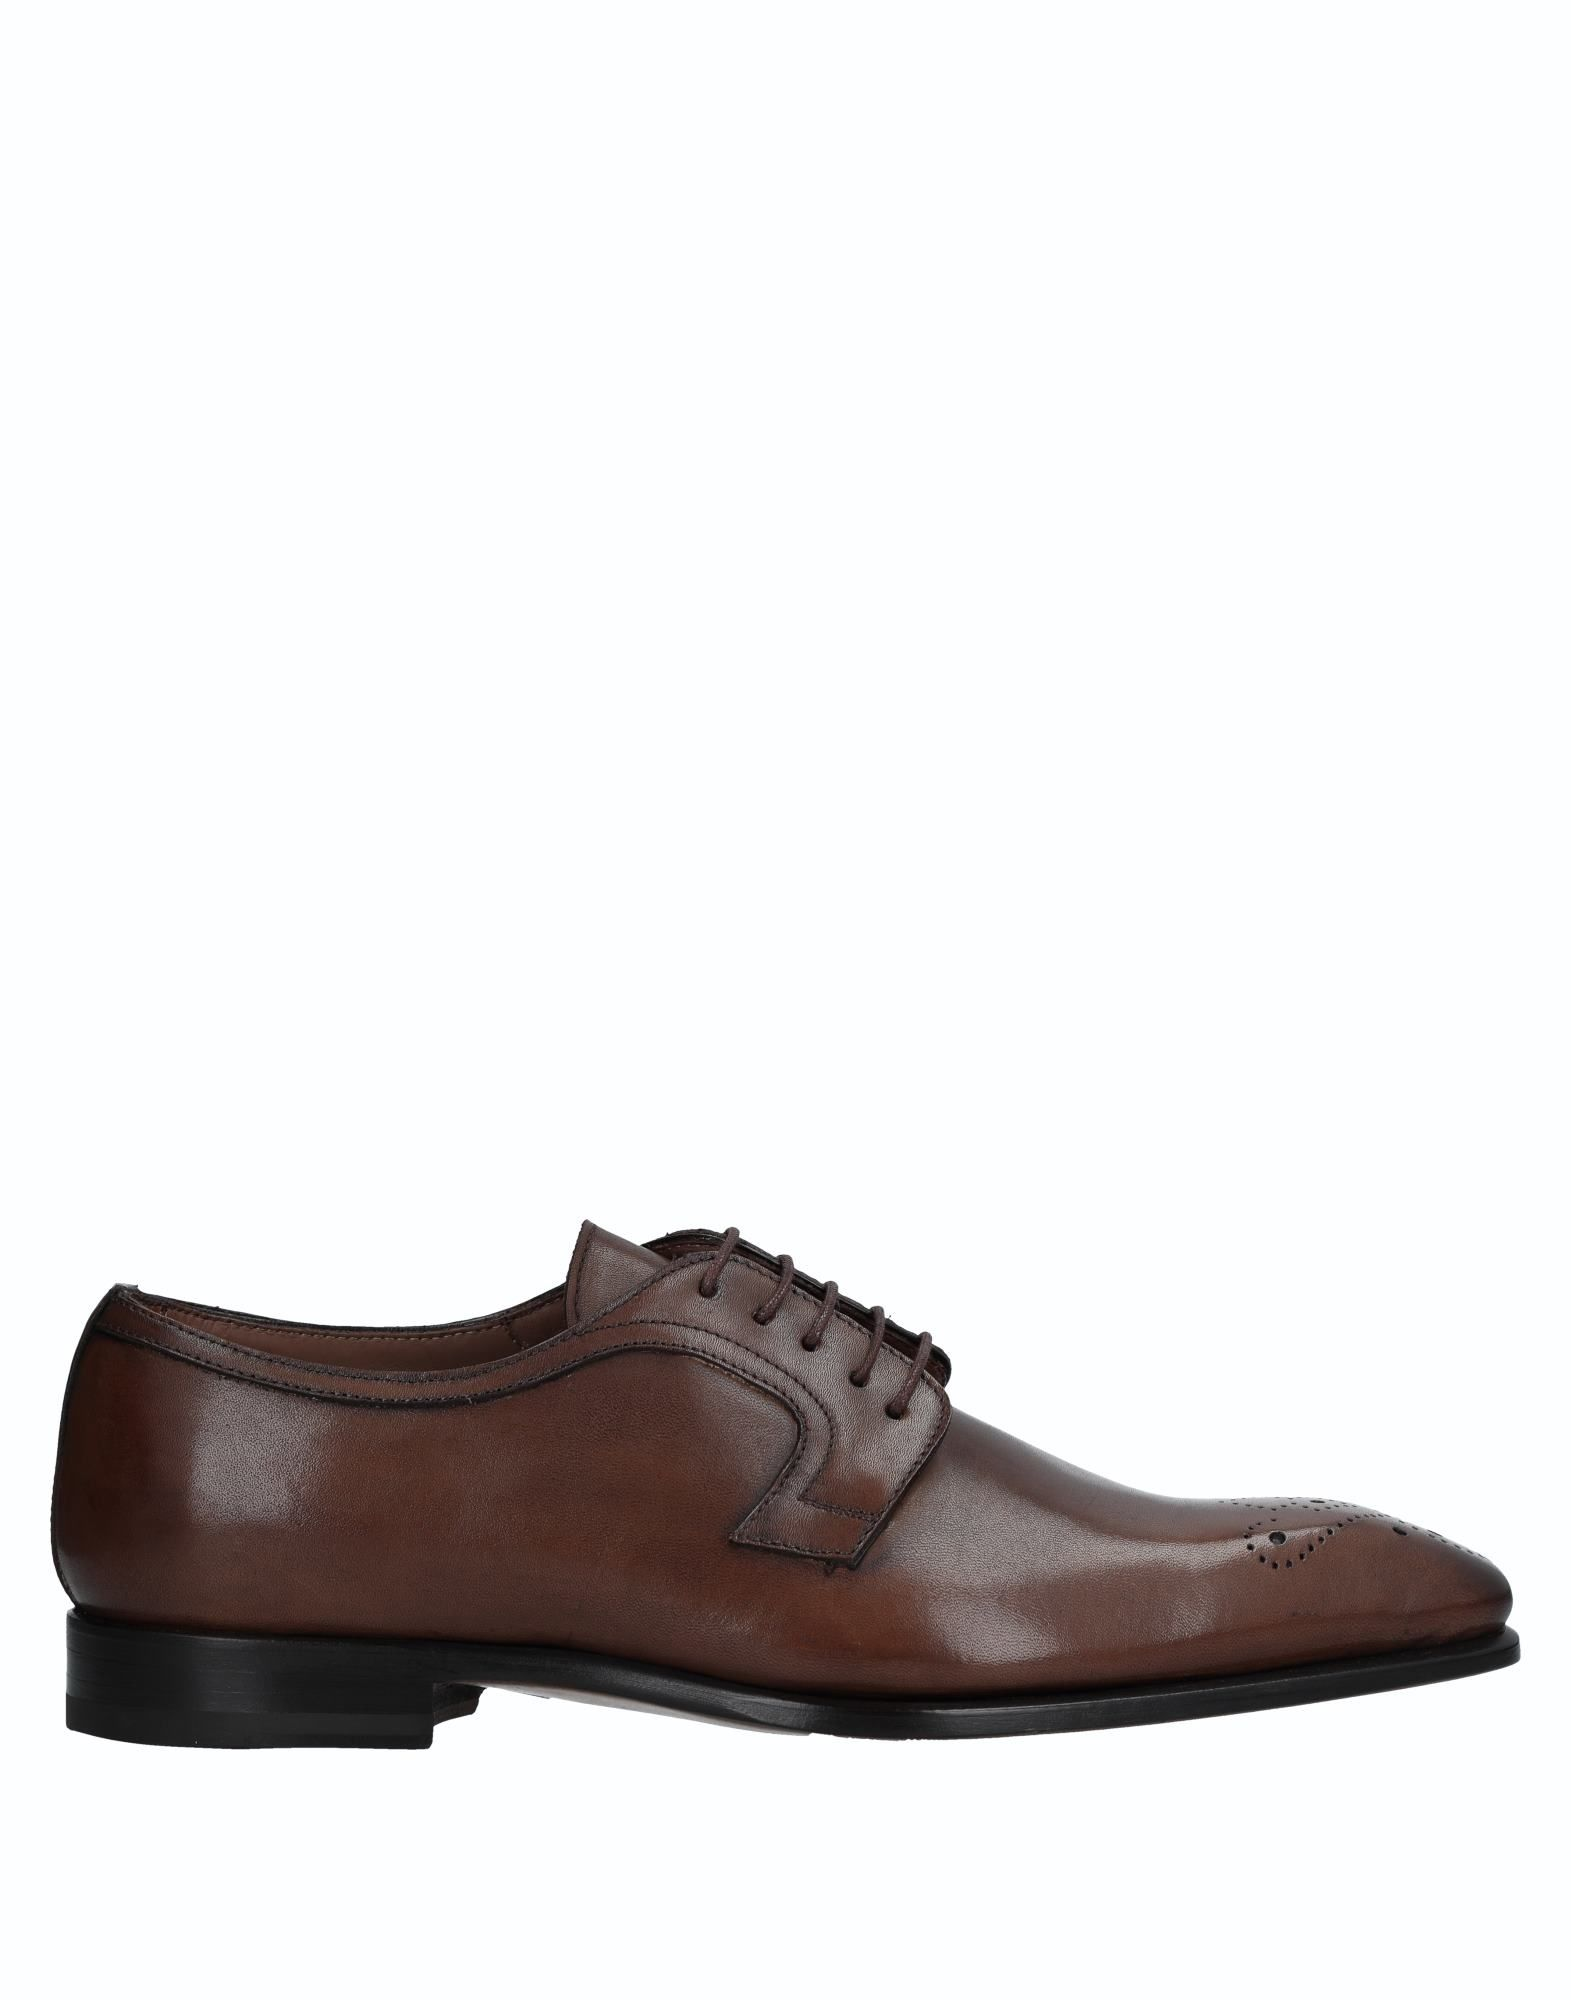 Stefano Branchini Schnürschuhe Herren  11521525EJ Gute Qualität beliebte Schuhe